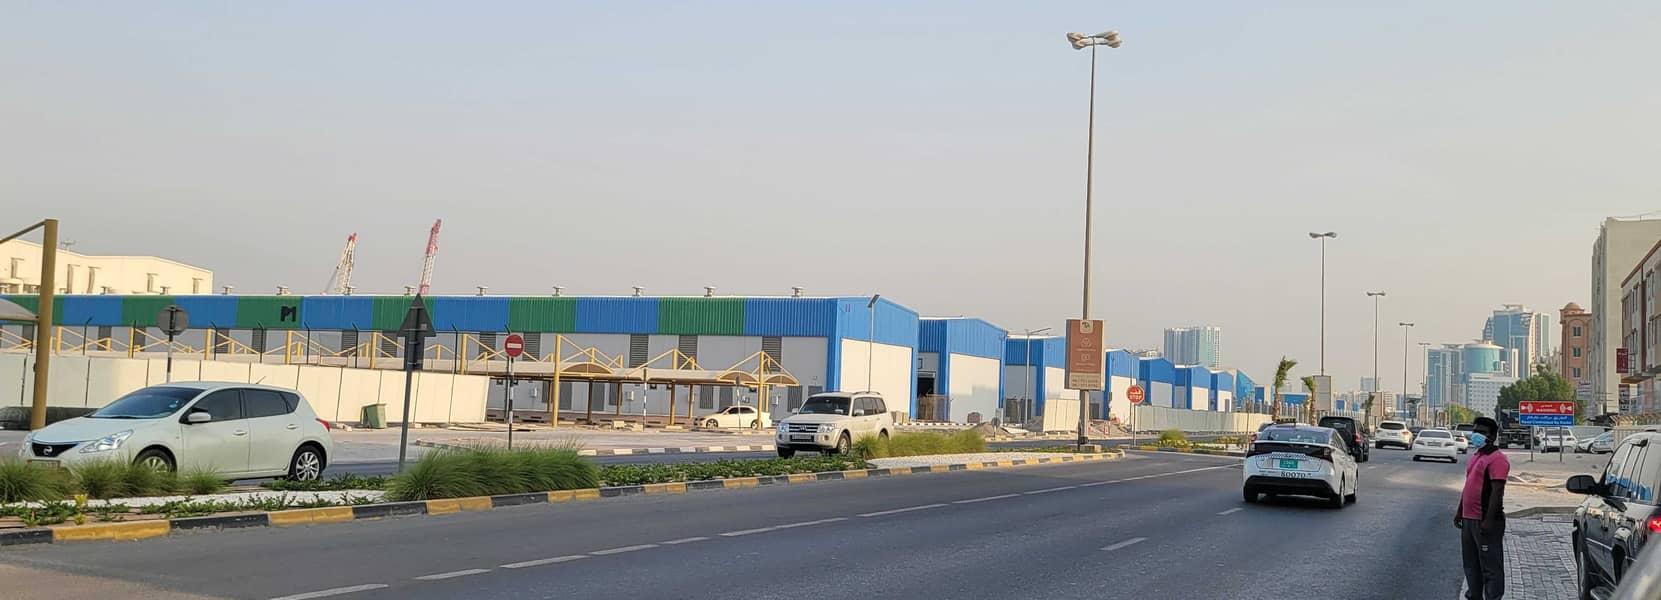 2 land for sale in ajman opposit ajman port